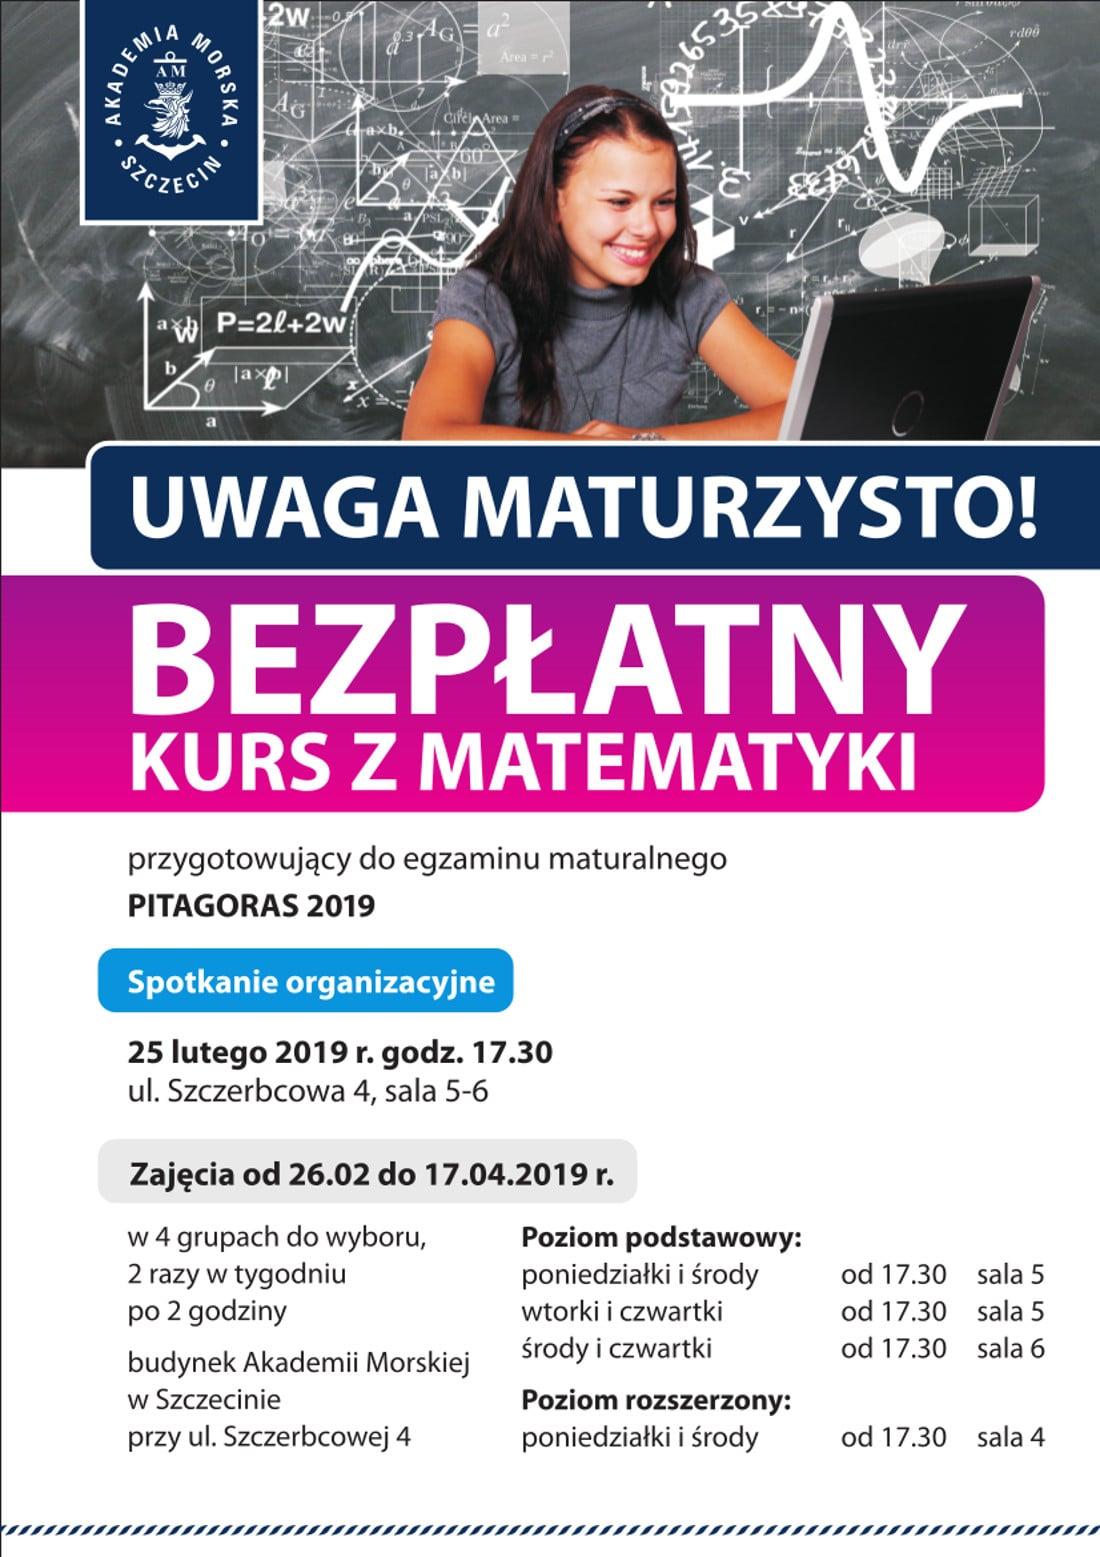 Kurs rozpoczyna się 25 lutego 2019 roku.